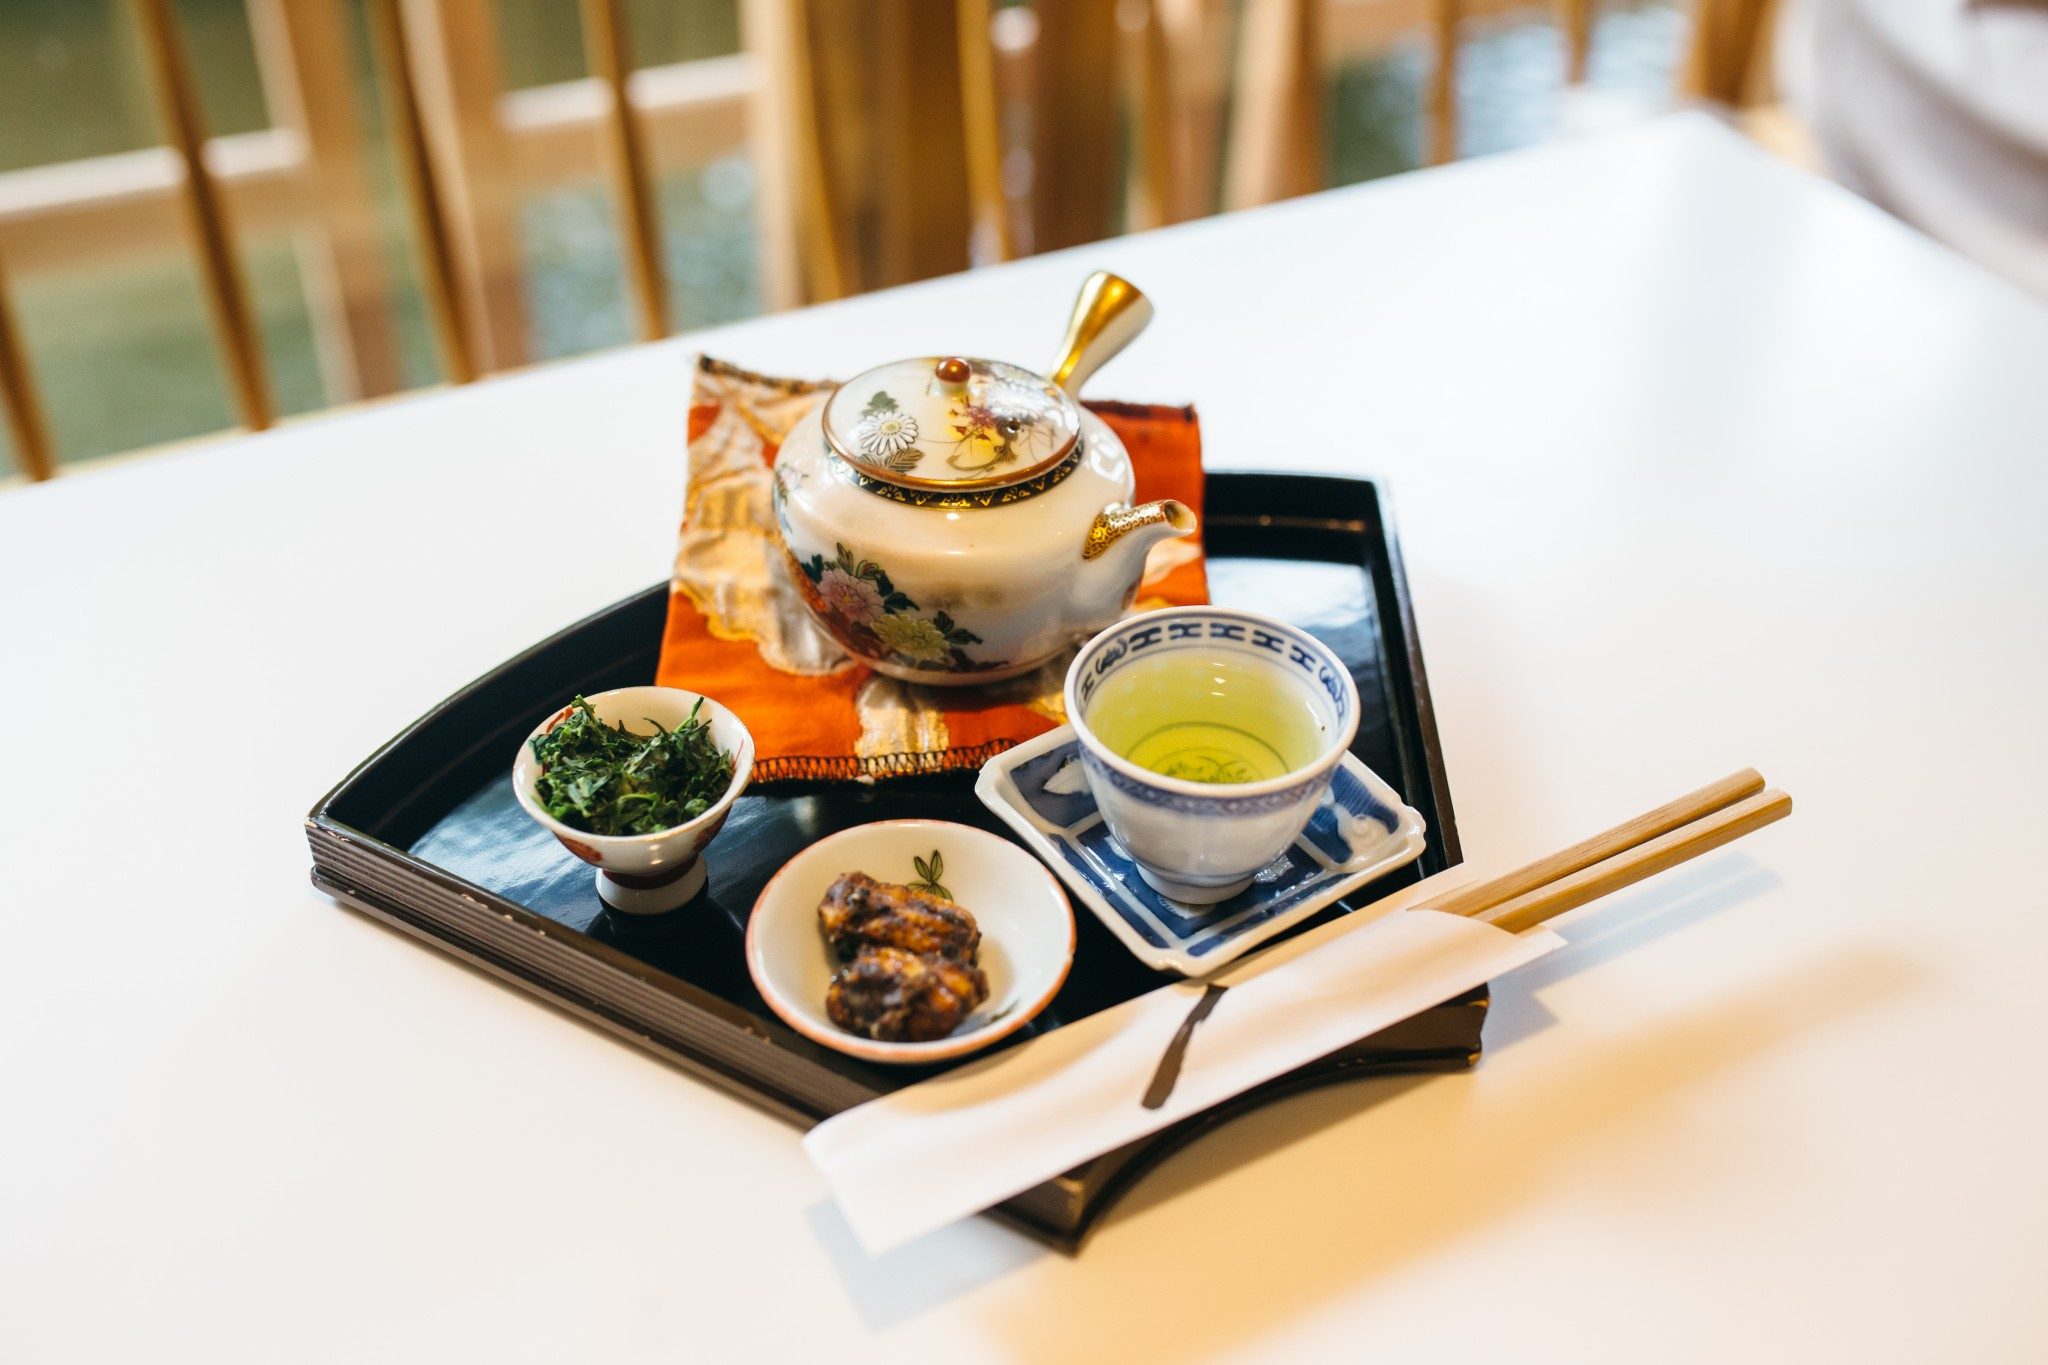 【京都】こだわり日本茶が楽しめるおしゃれカフェ4軒。和の心を感じるお茶時間に癒されよう。